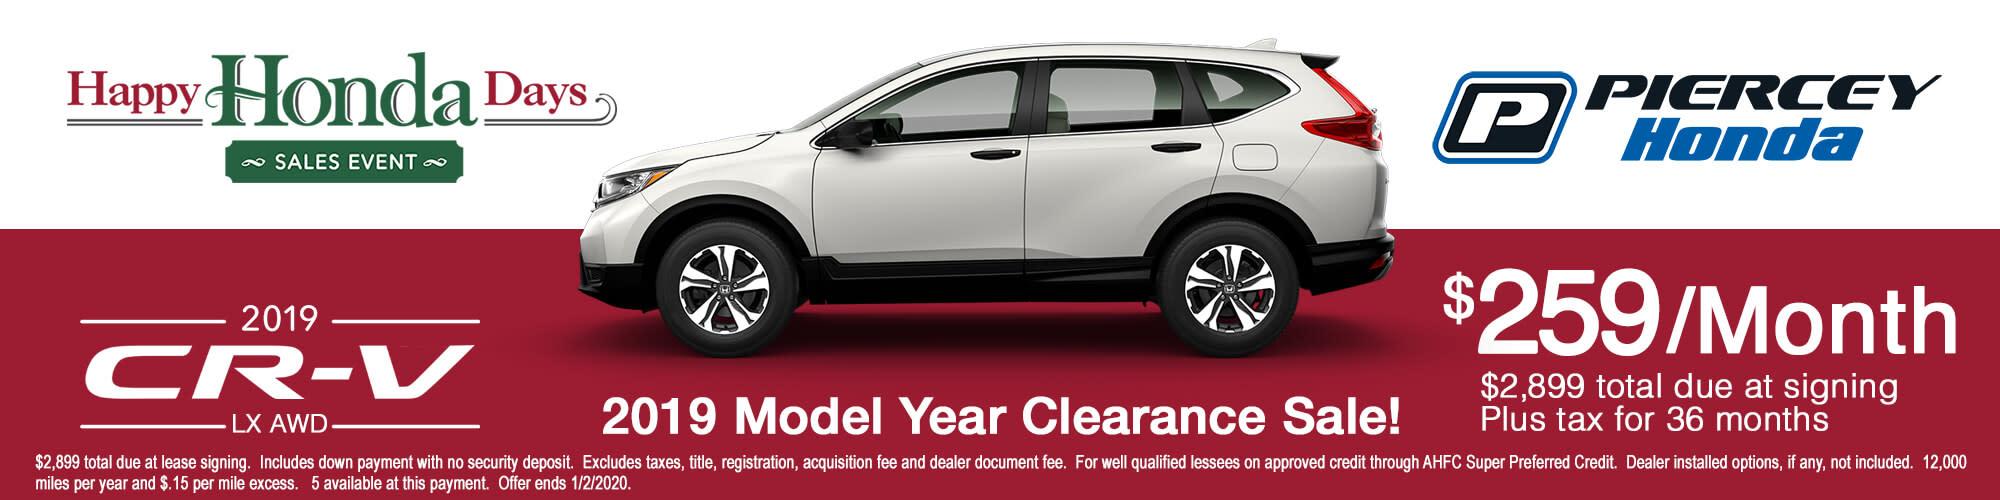 2019 Honda CR-V LX AWD Lease Offer